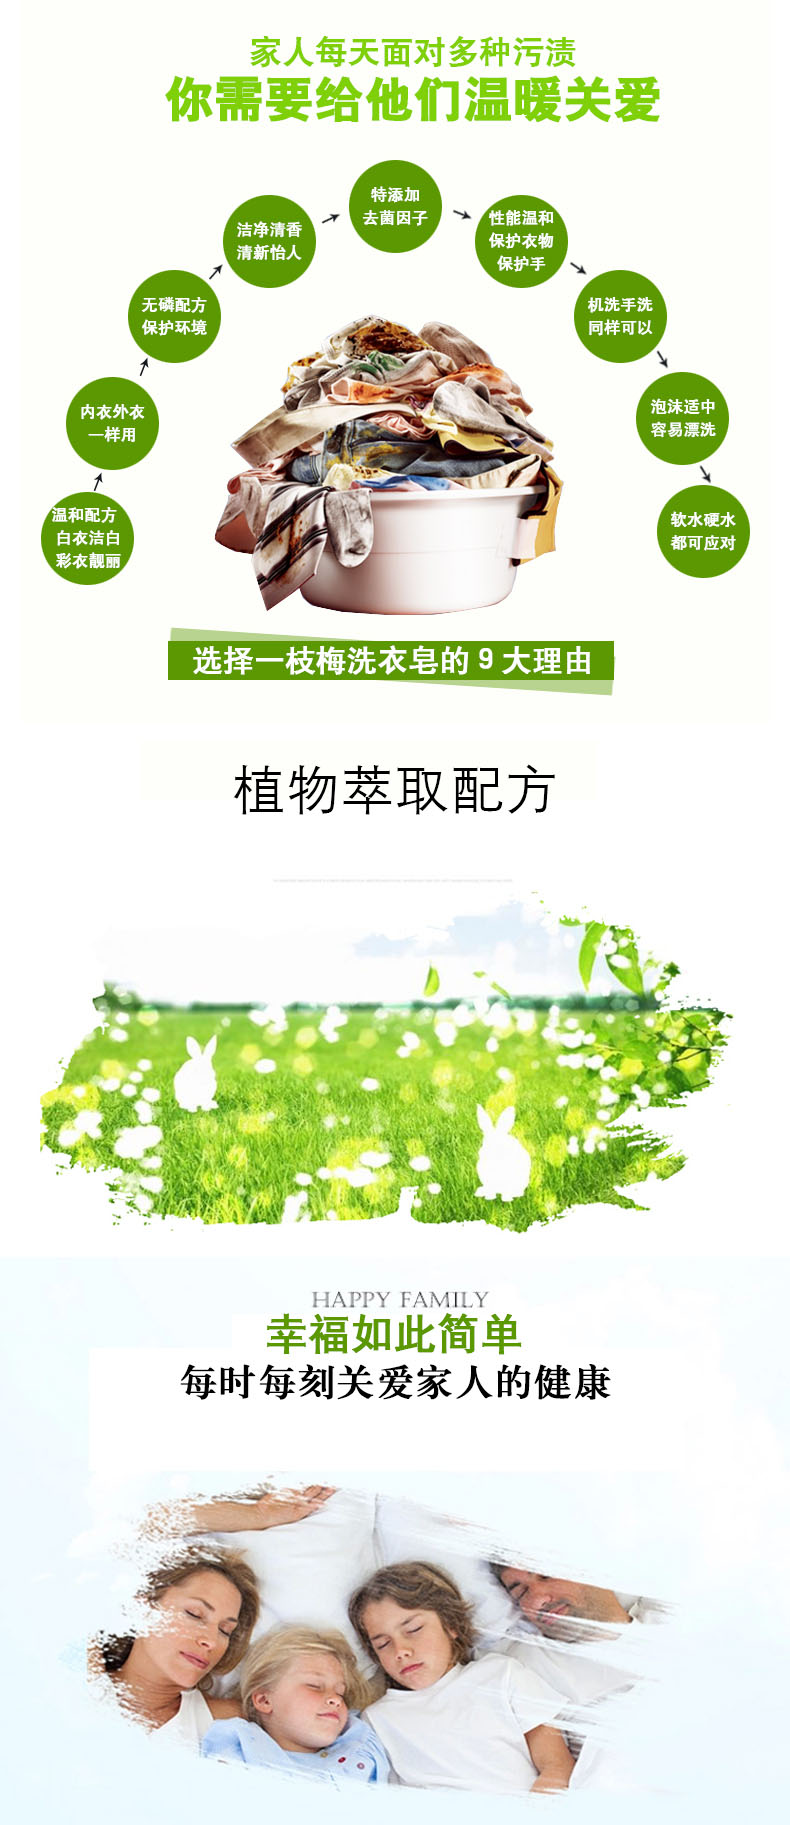 238克植物精华透明皂 详情图.jpg